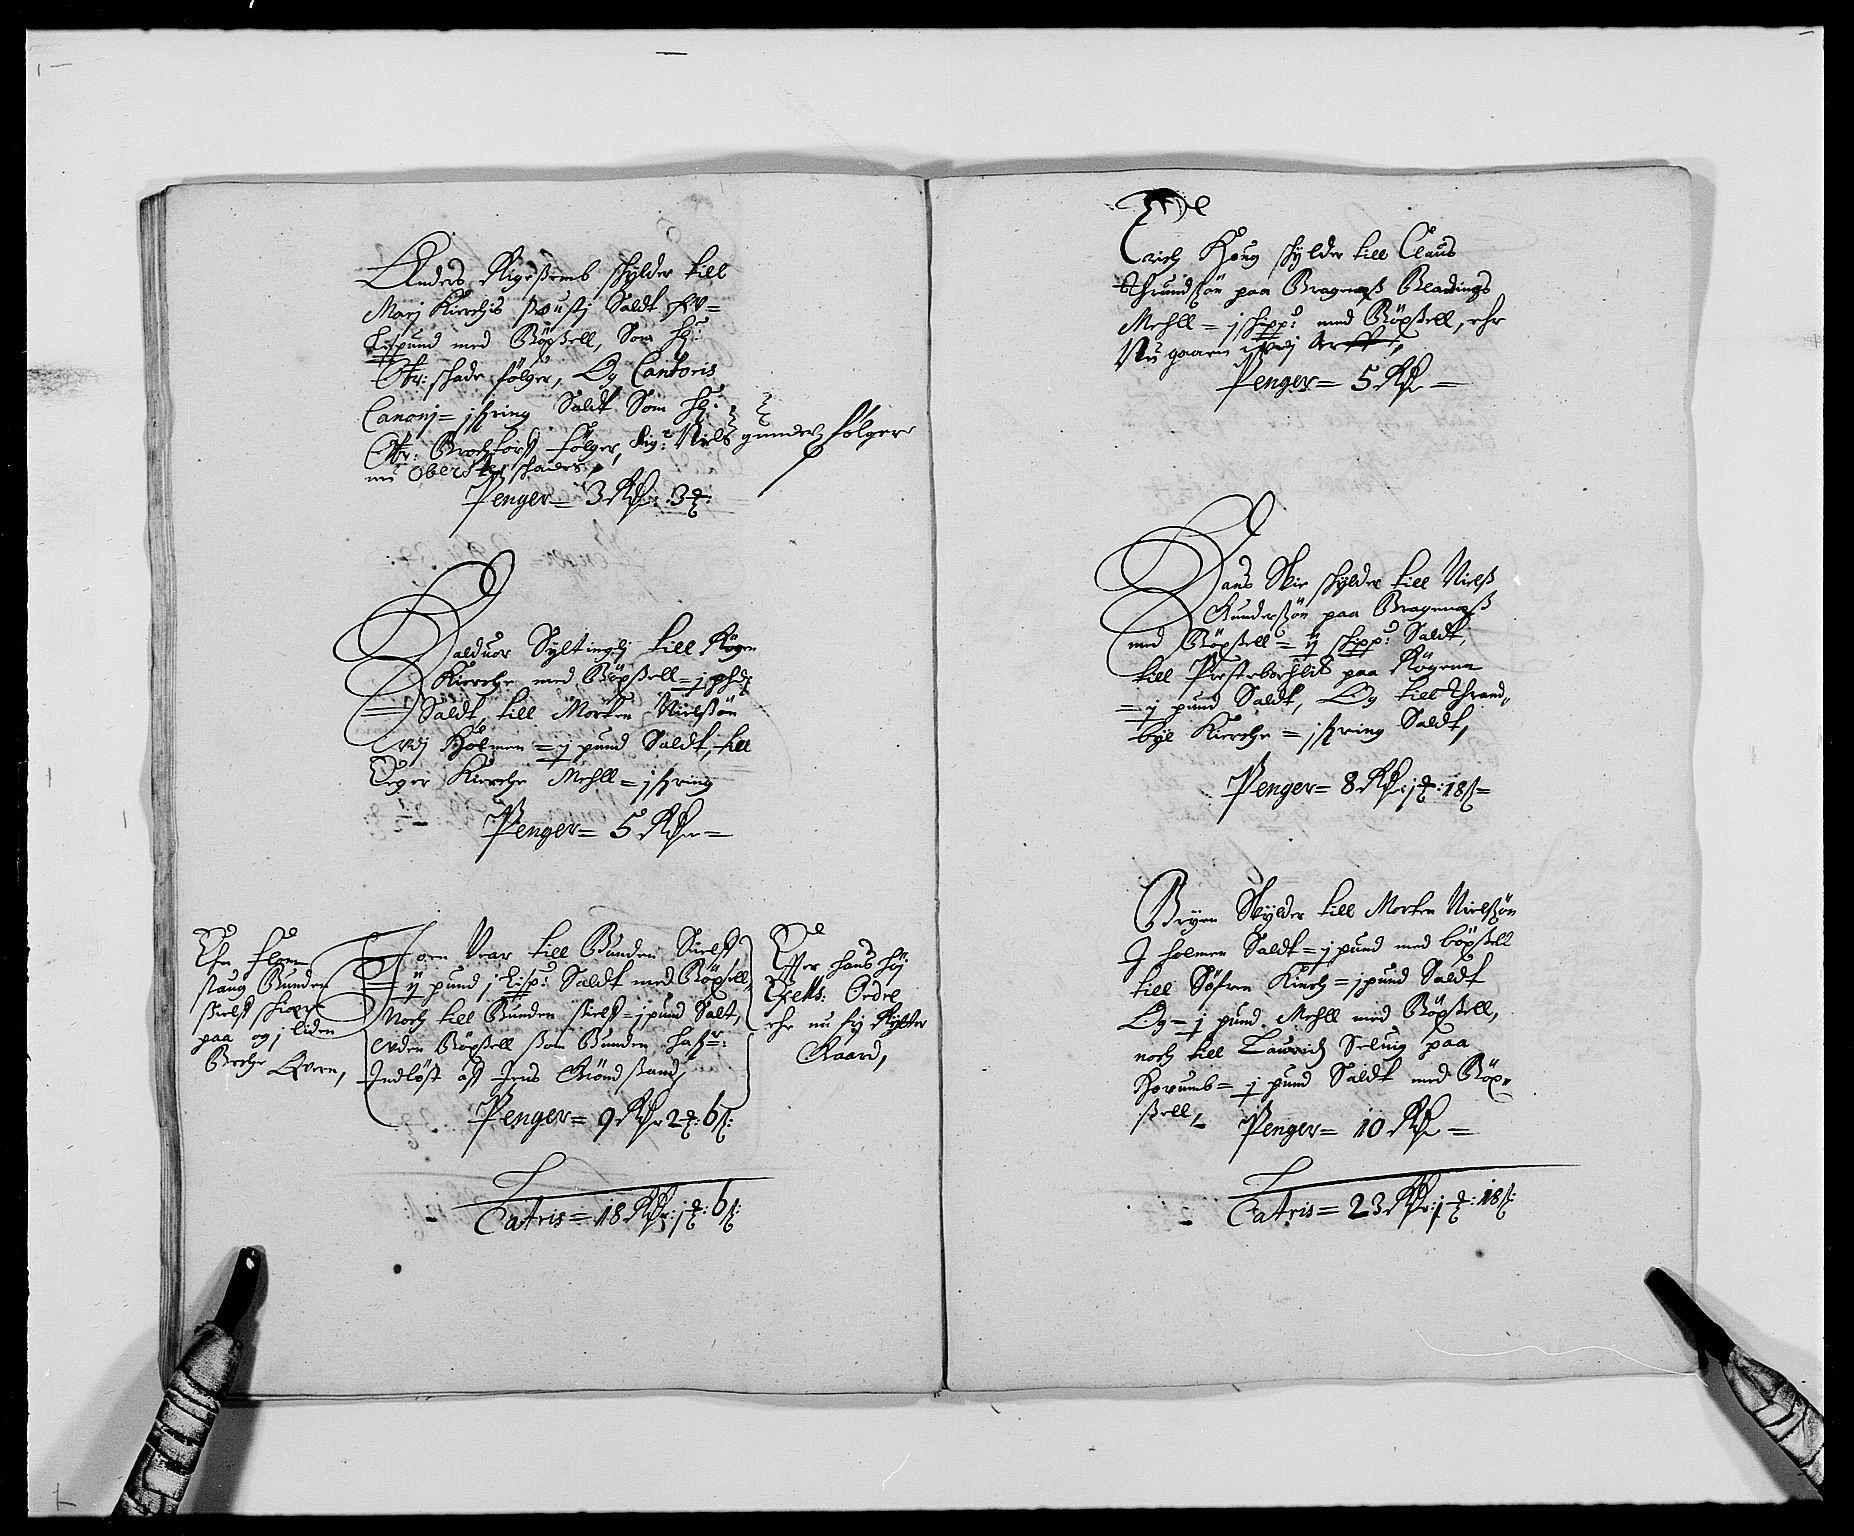 RA, Rentekammeret inntil 1814, Reviderte regnskaper, Fogderegnskap, R29/L1691: Fogderegnskap Hurum og Røyken, 1678-1681, p. 371